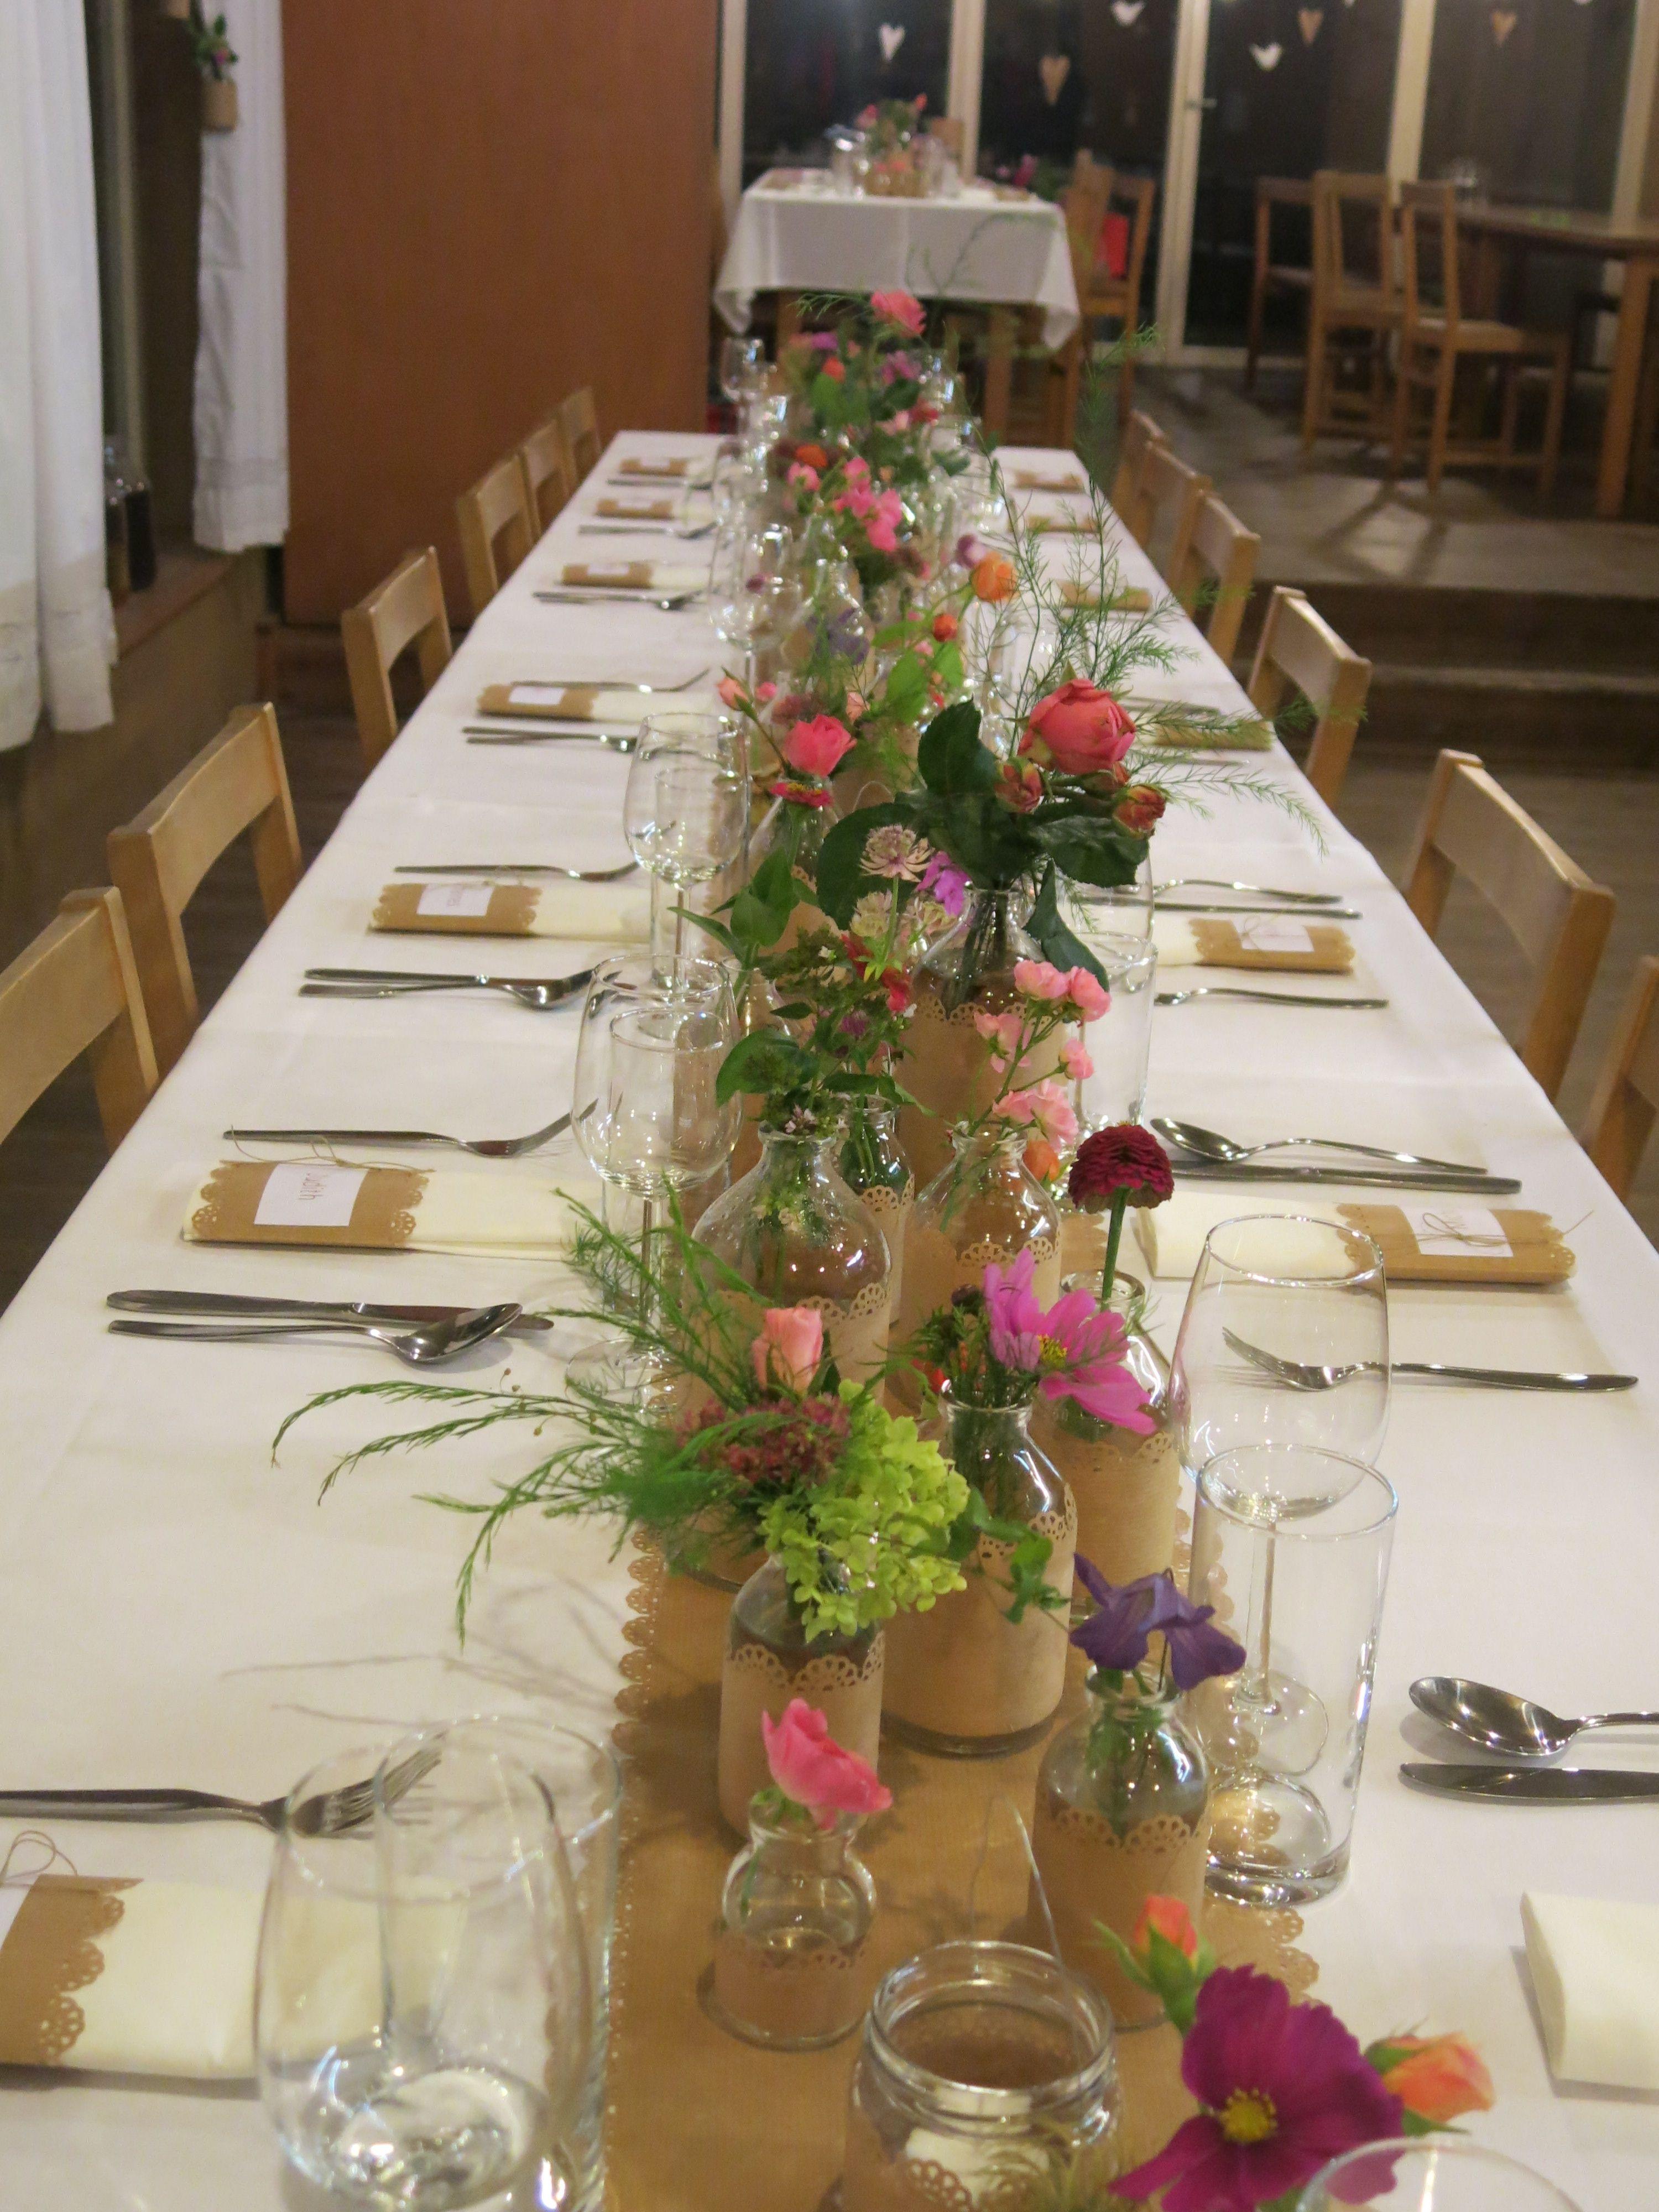 Tischdeko Geburtstag Blumen  tischdeko DIY kraftpapier wiesenblumen